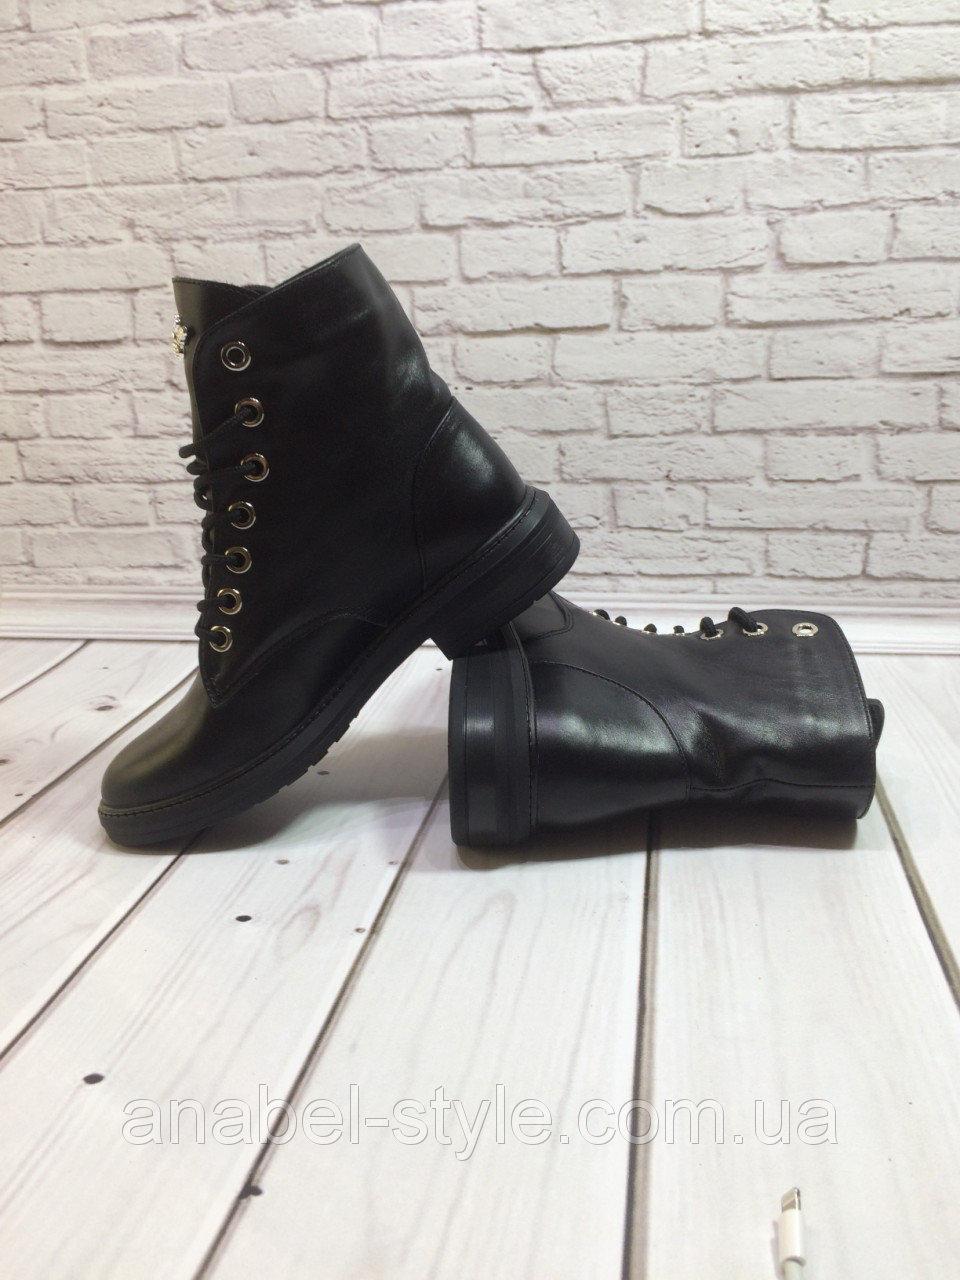 8c39cf827ddb Ботинки зимние Gucci женские. Купить женские ботинки (Гуччи) в интернет- магазине Купить